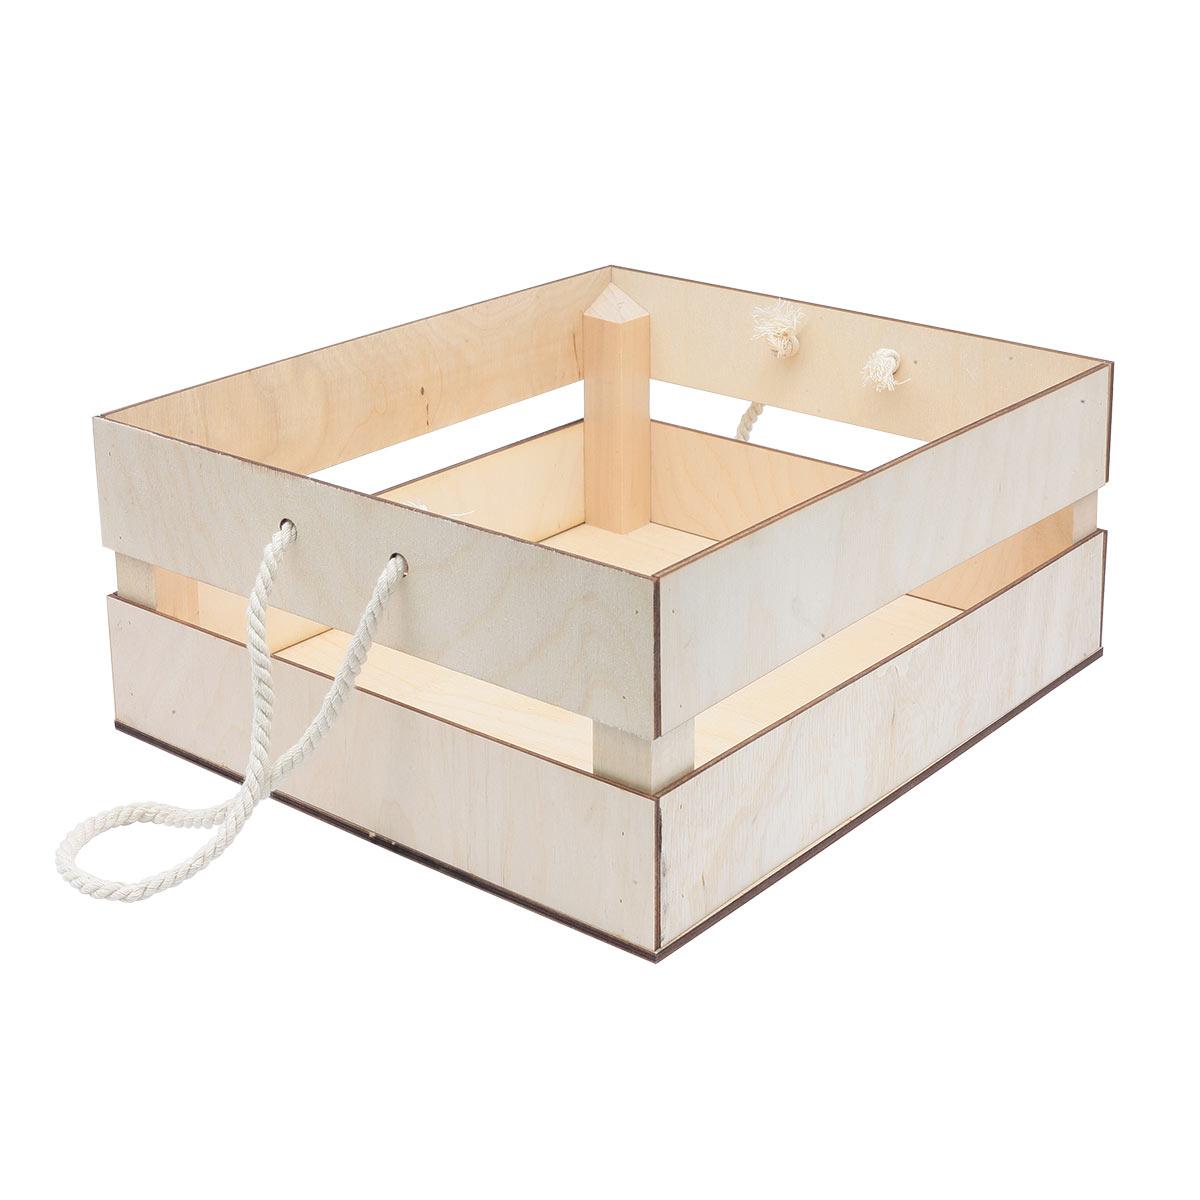 НА-025 Набор для оформления подарка 'Фруктовый', ящик 25*30 см, белый